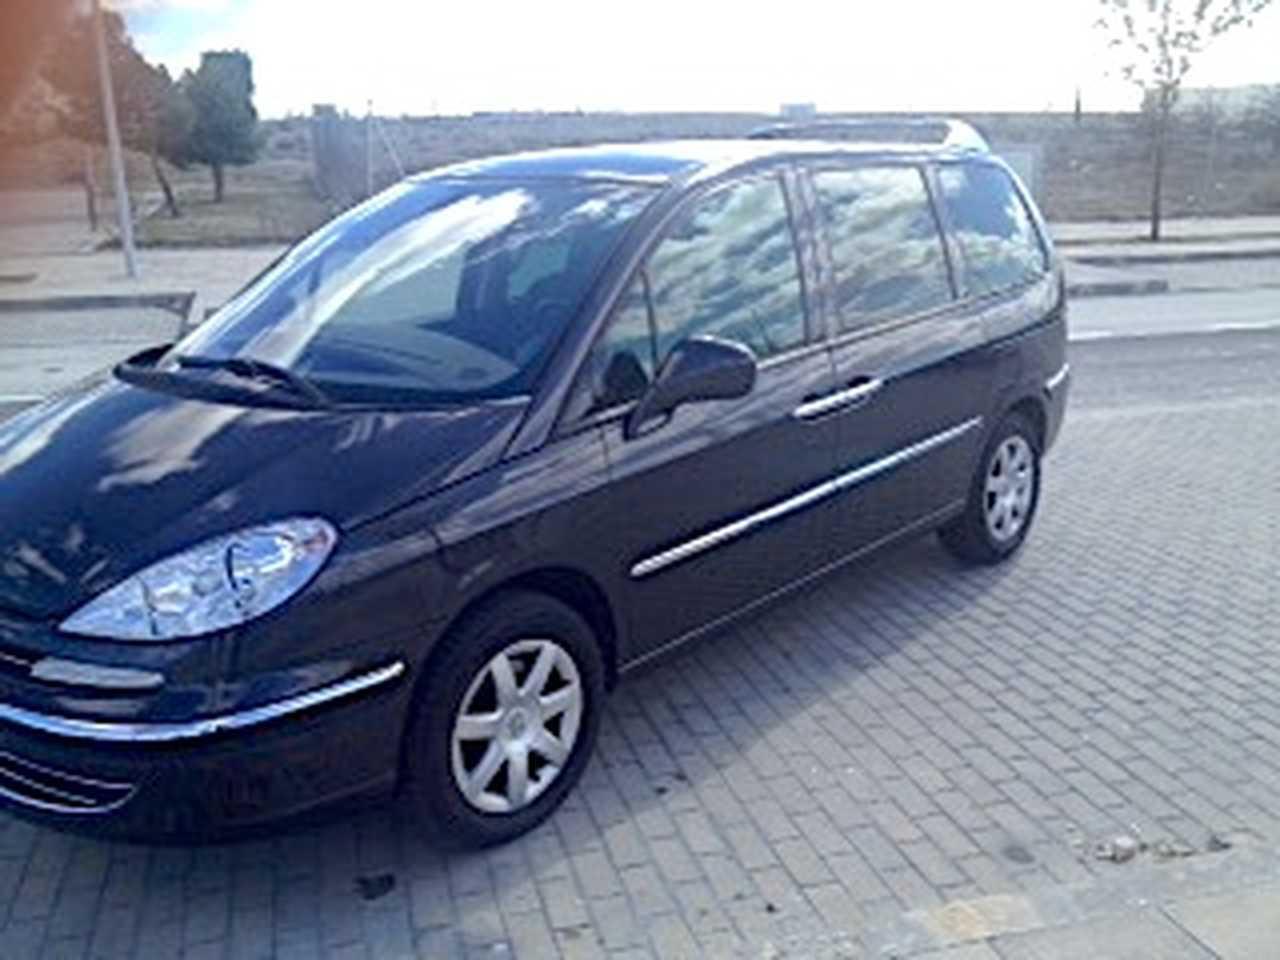 Peugeot 807 Premium 2.0 HDi FAP   - Foto 1